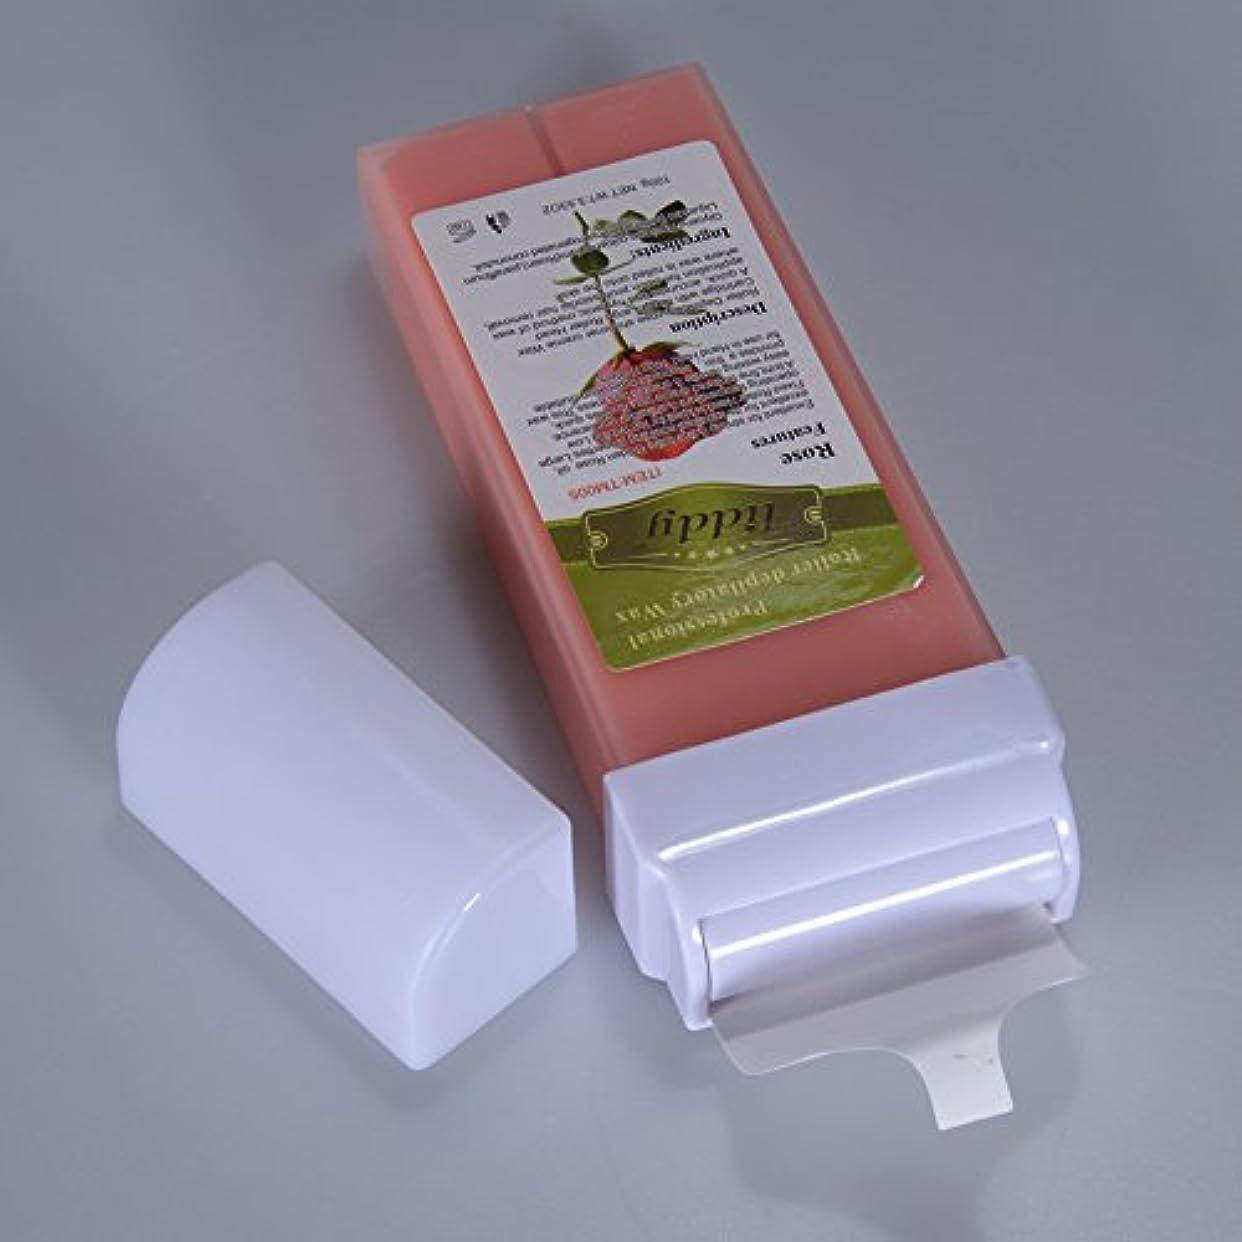 いじめっ子祈りクラックポットRabugoo 脱毛プロフェッショナル使用水溶性脱毛砂糖ワックスカートリッジワックスグッドスメル - 100g / 3.53oz 100g rose